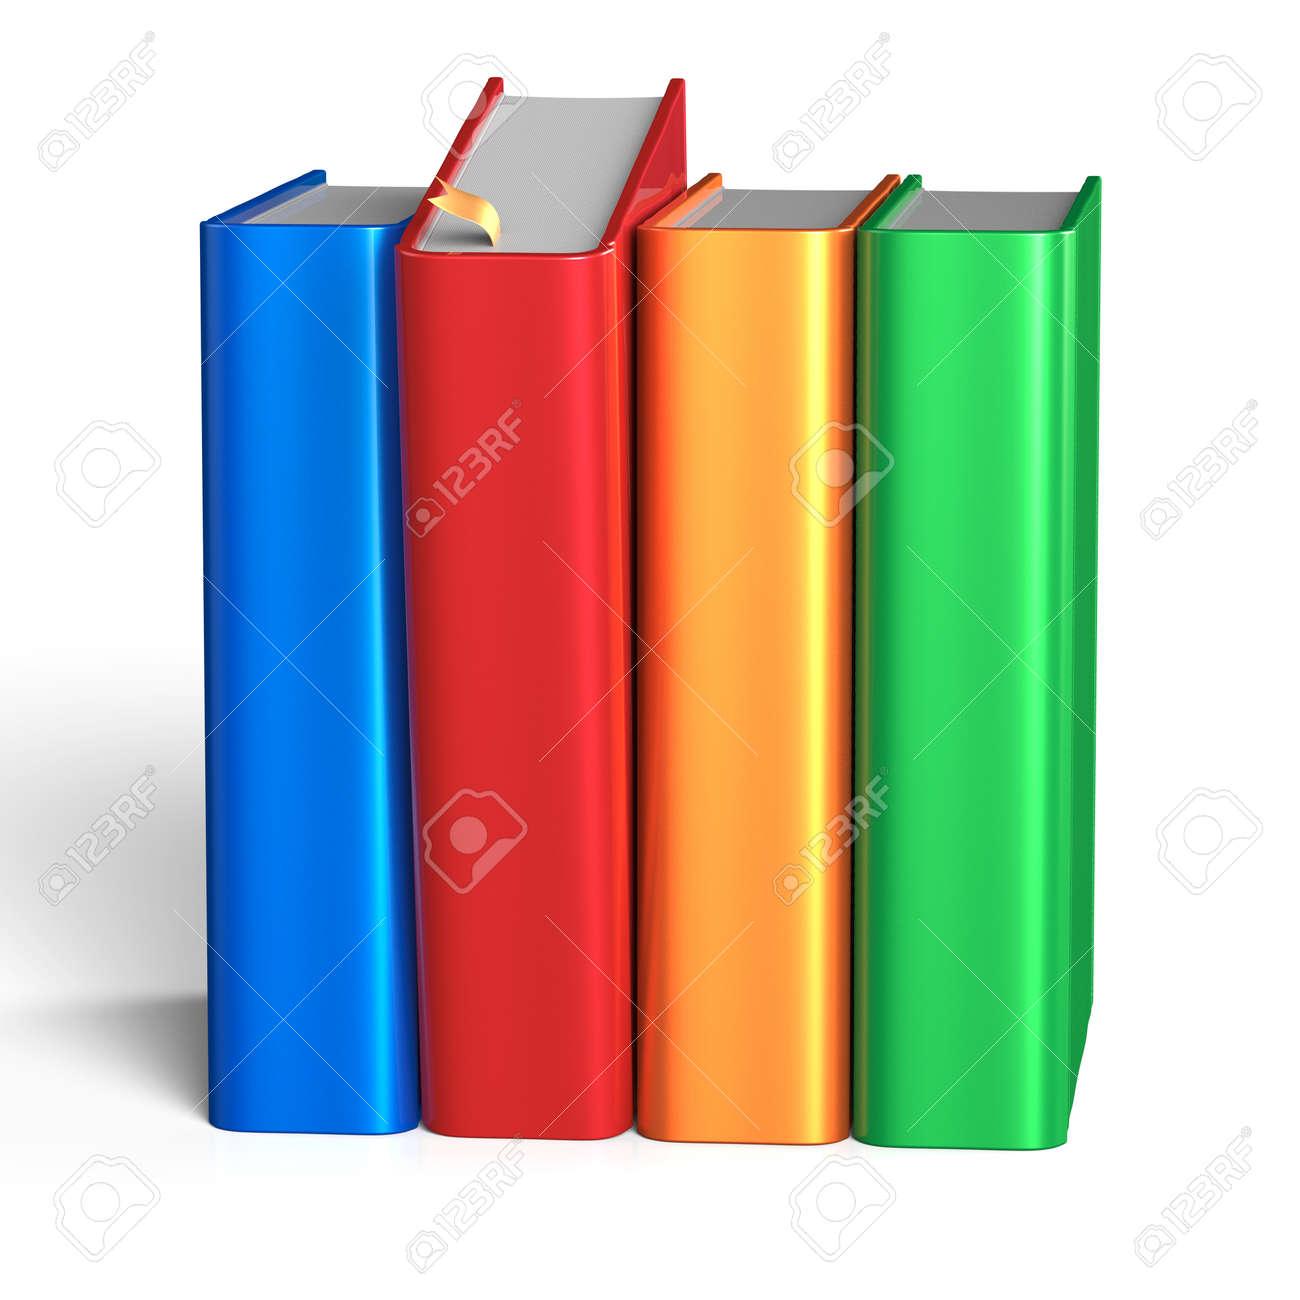 Boekenplank Met Boeken.Het Selecteren Van Rode Boek Van Boekenplank Vier Boeken Rij 4 Grab